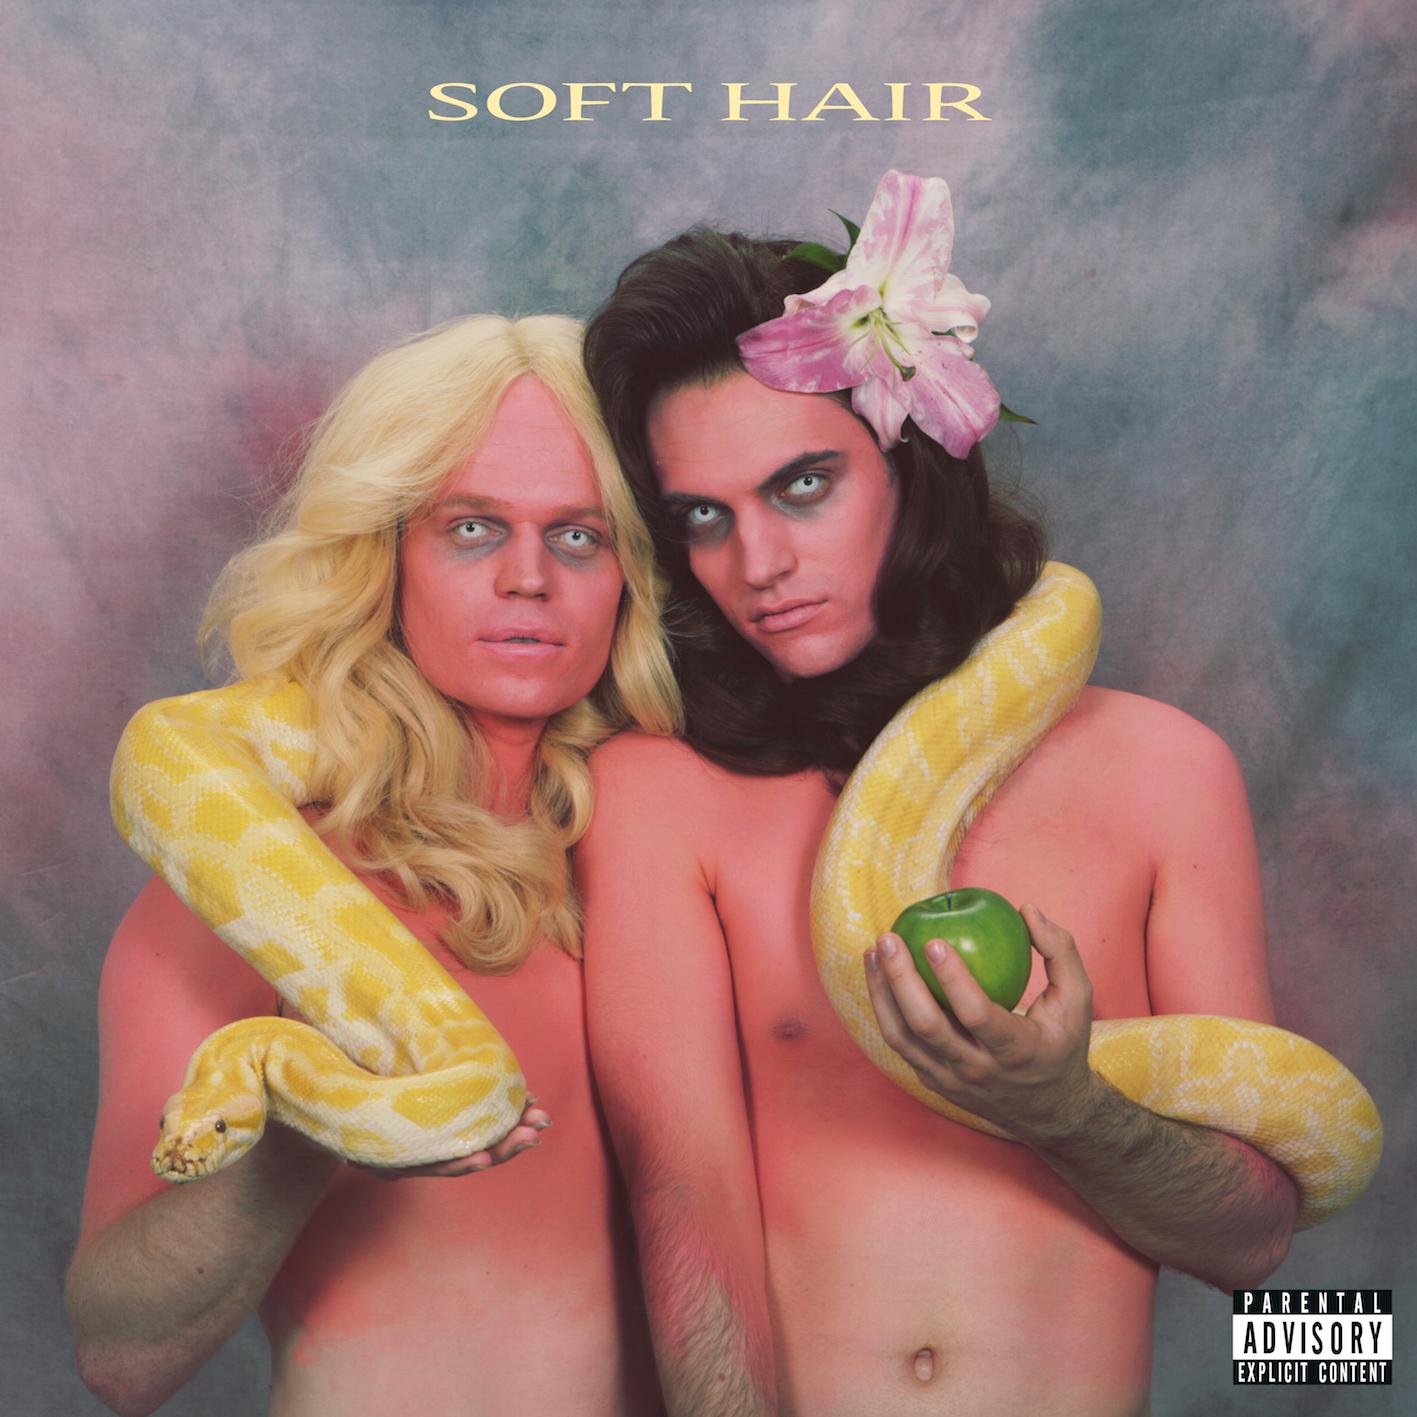 Soft Hair – SOFT HAIR, VÖ: 28.10.2016